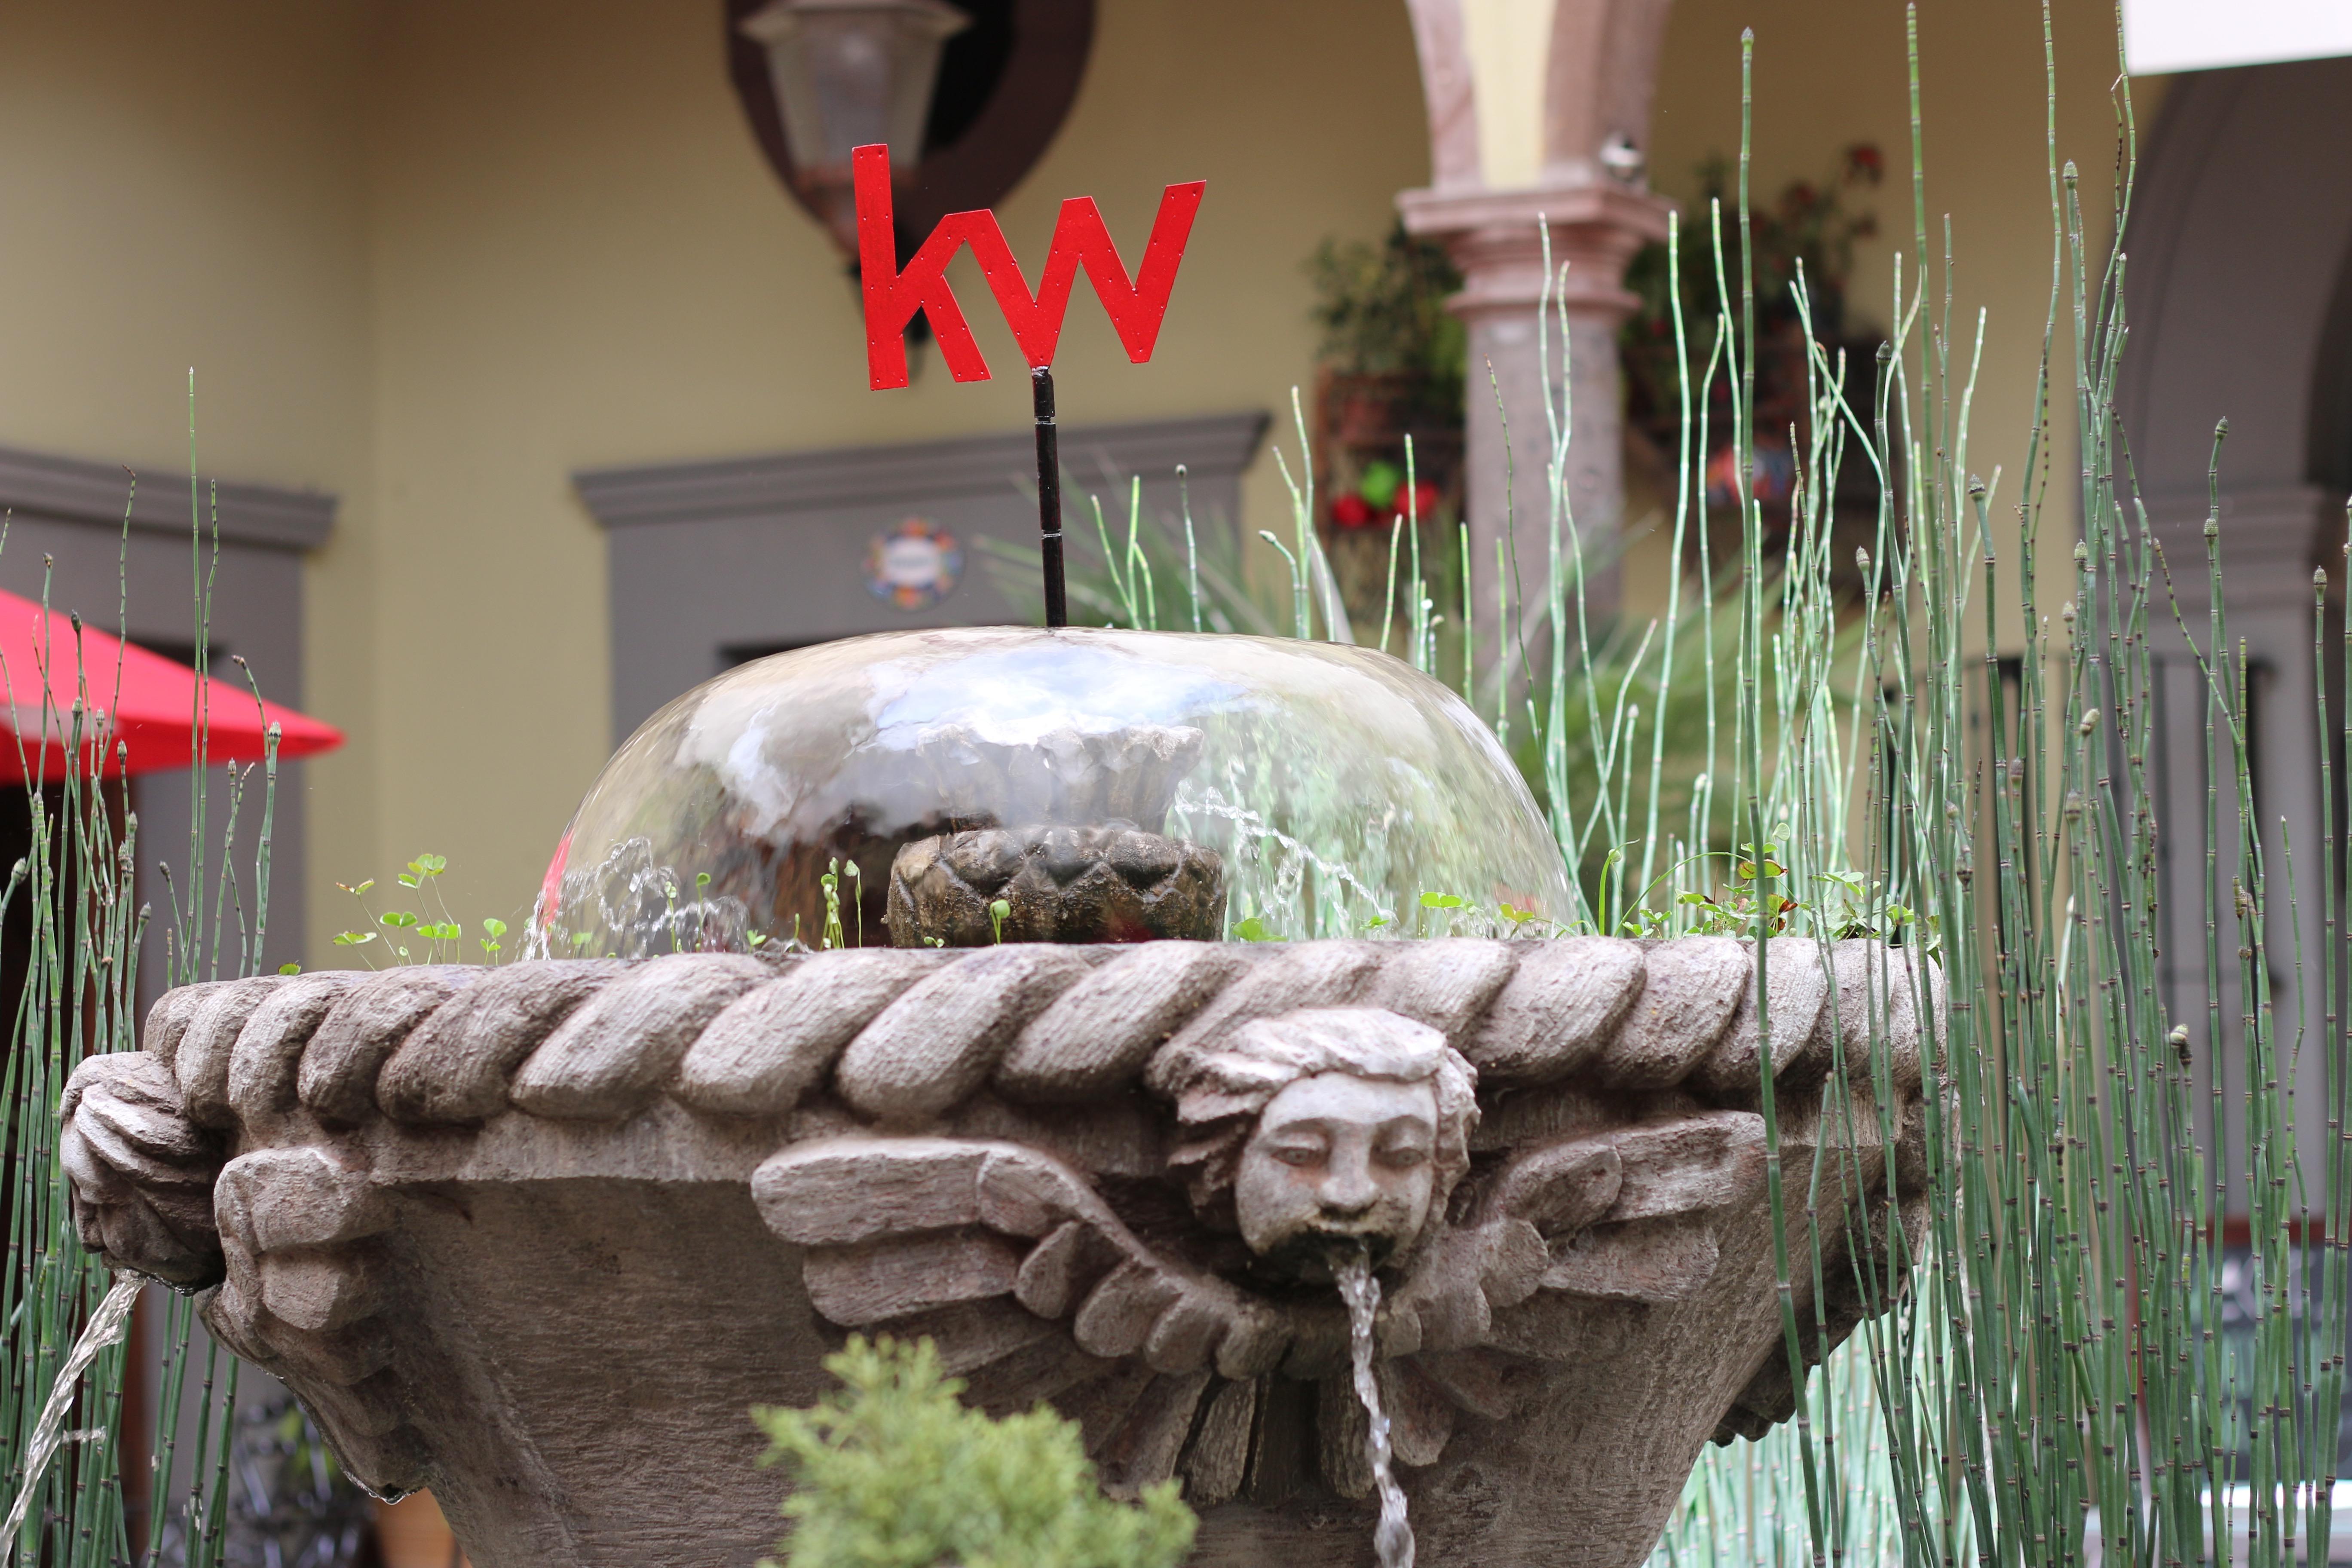 Detalle en cantera de la fuente de KW Allende